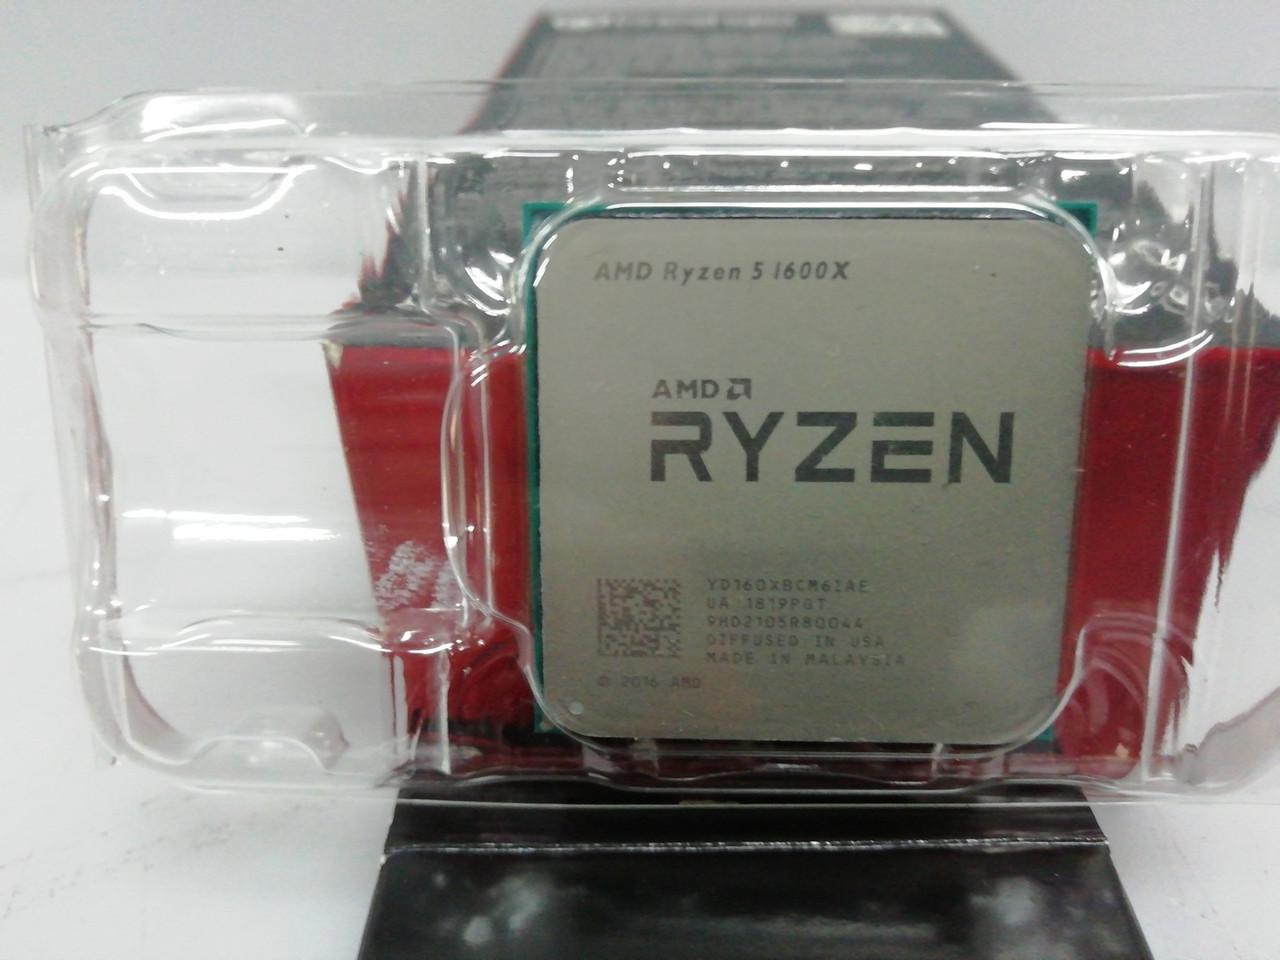 Процессор AMD Ryzen5 1600X  и остальной комплект